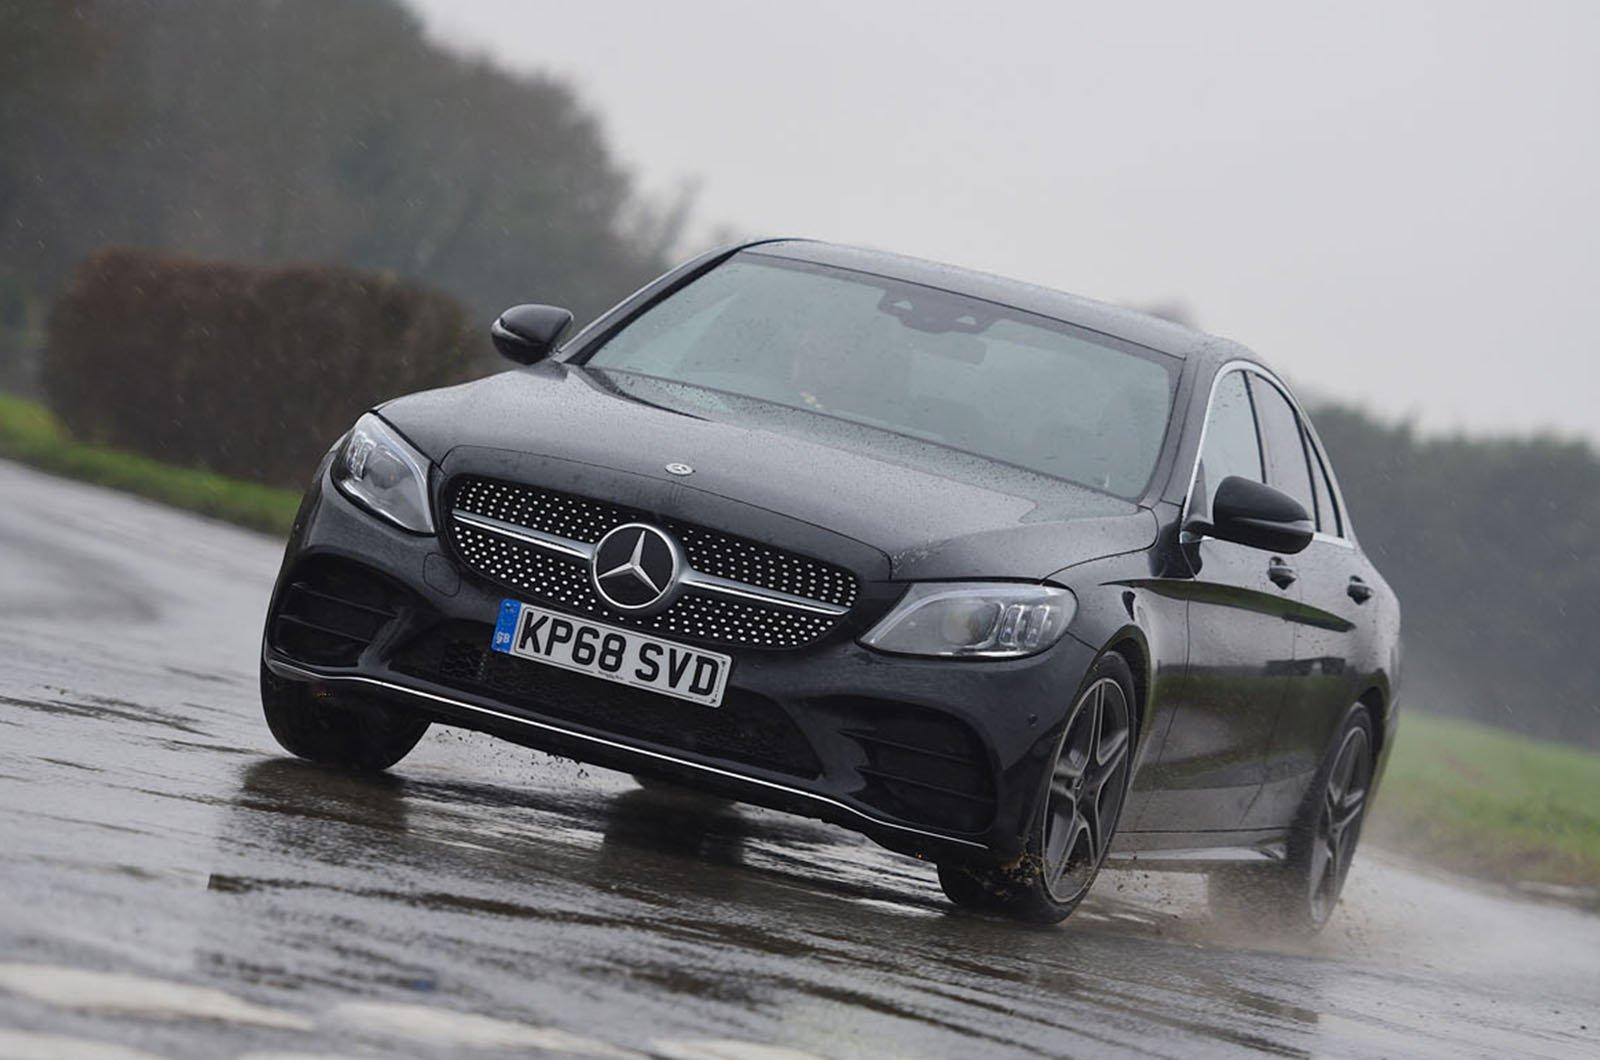 Mercedes C-Class driving